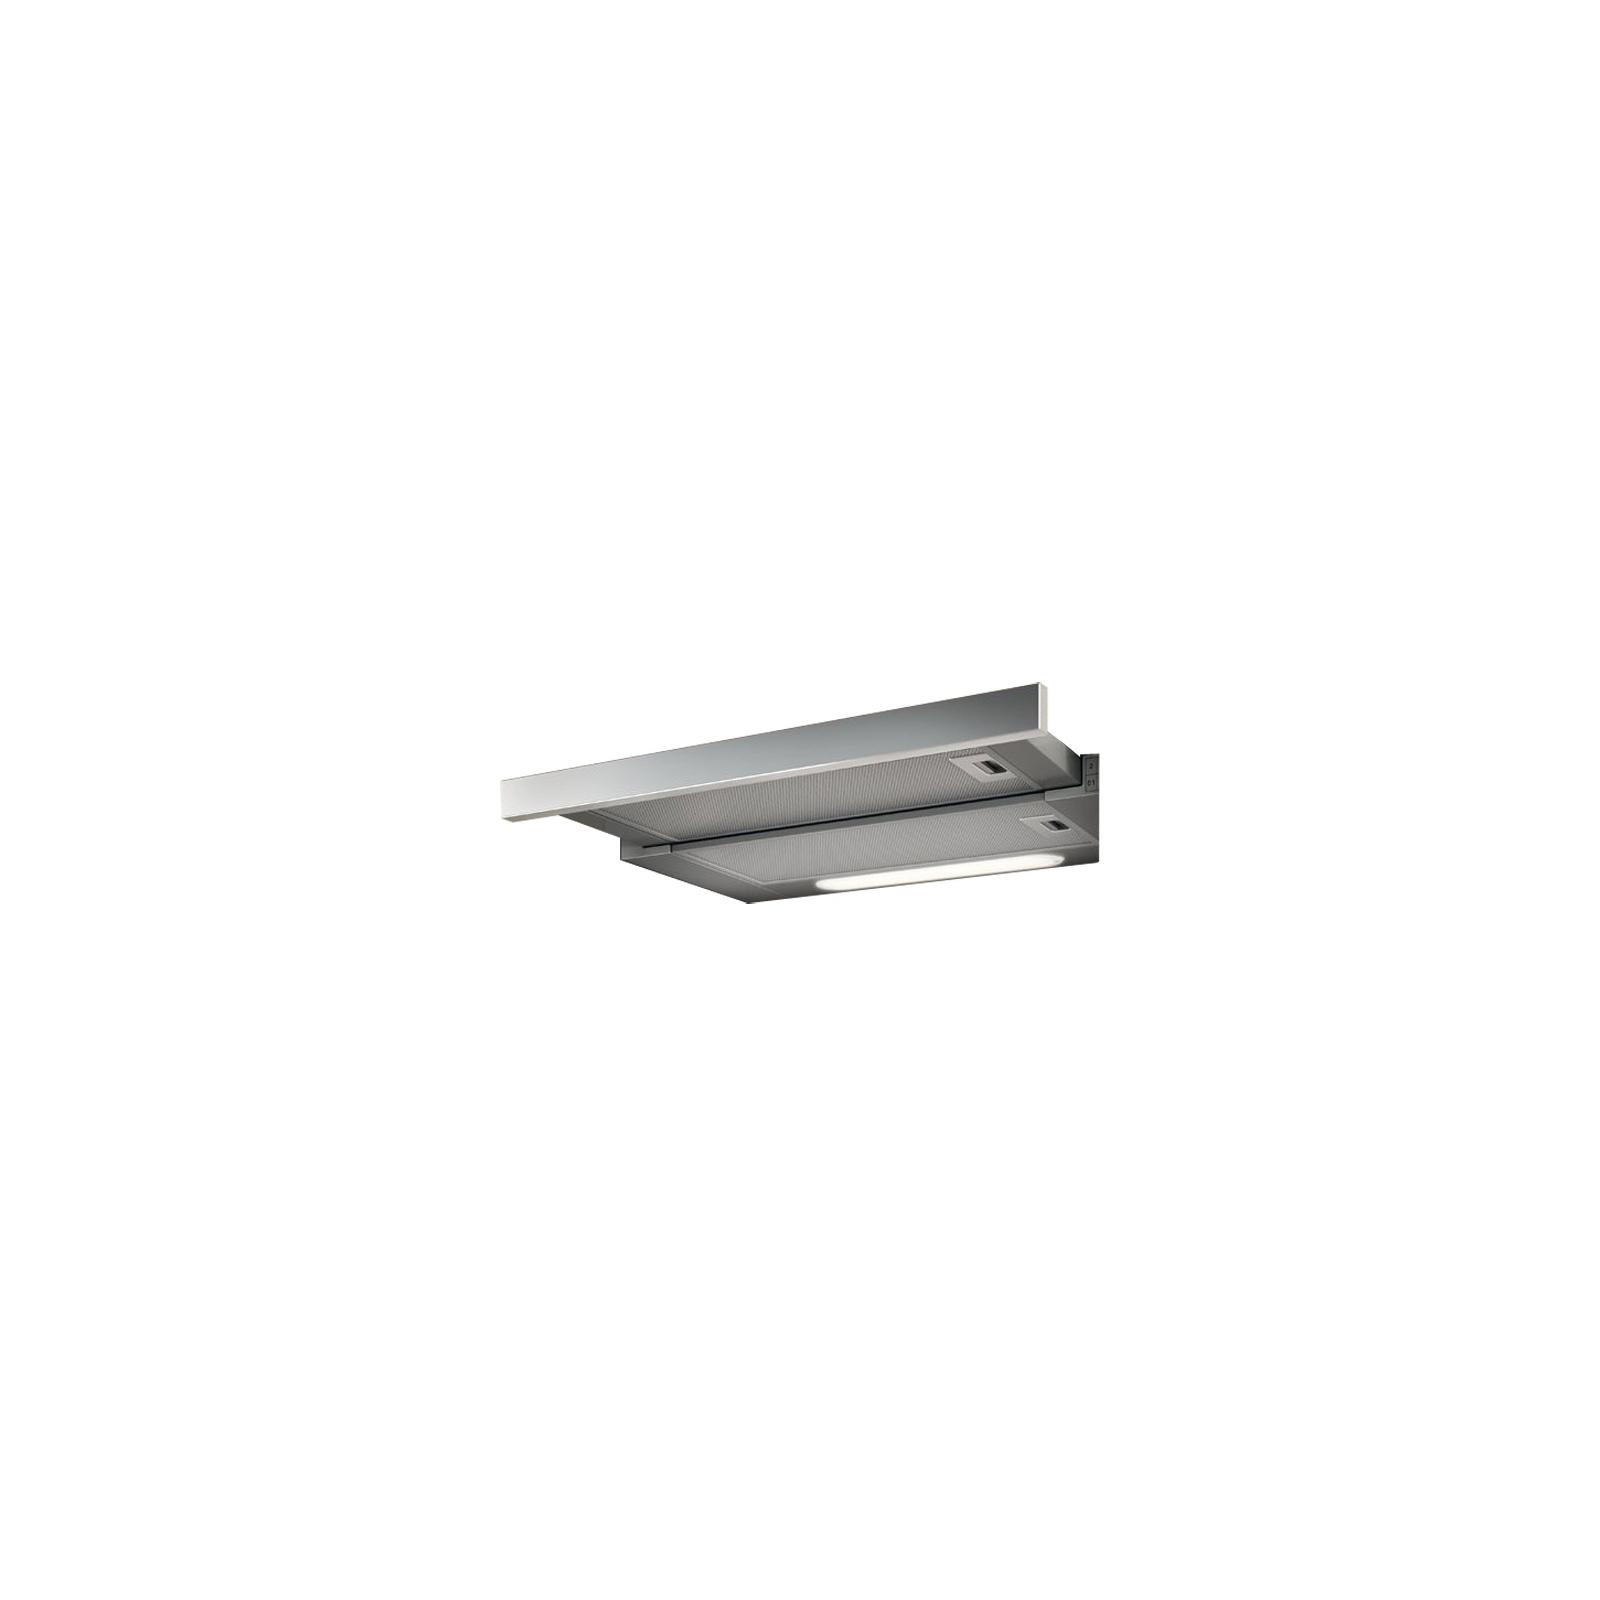 Вытяжка кухонная Elica ELITE 14 LUX GRIX/A/90